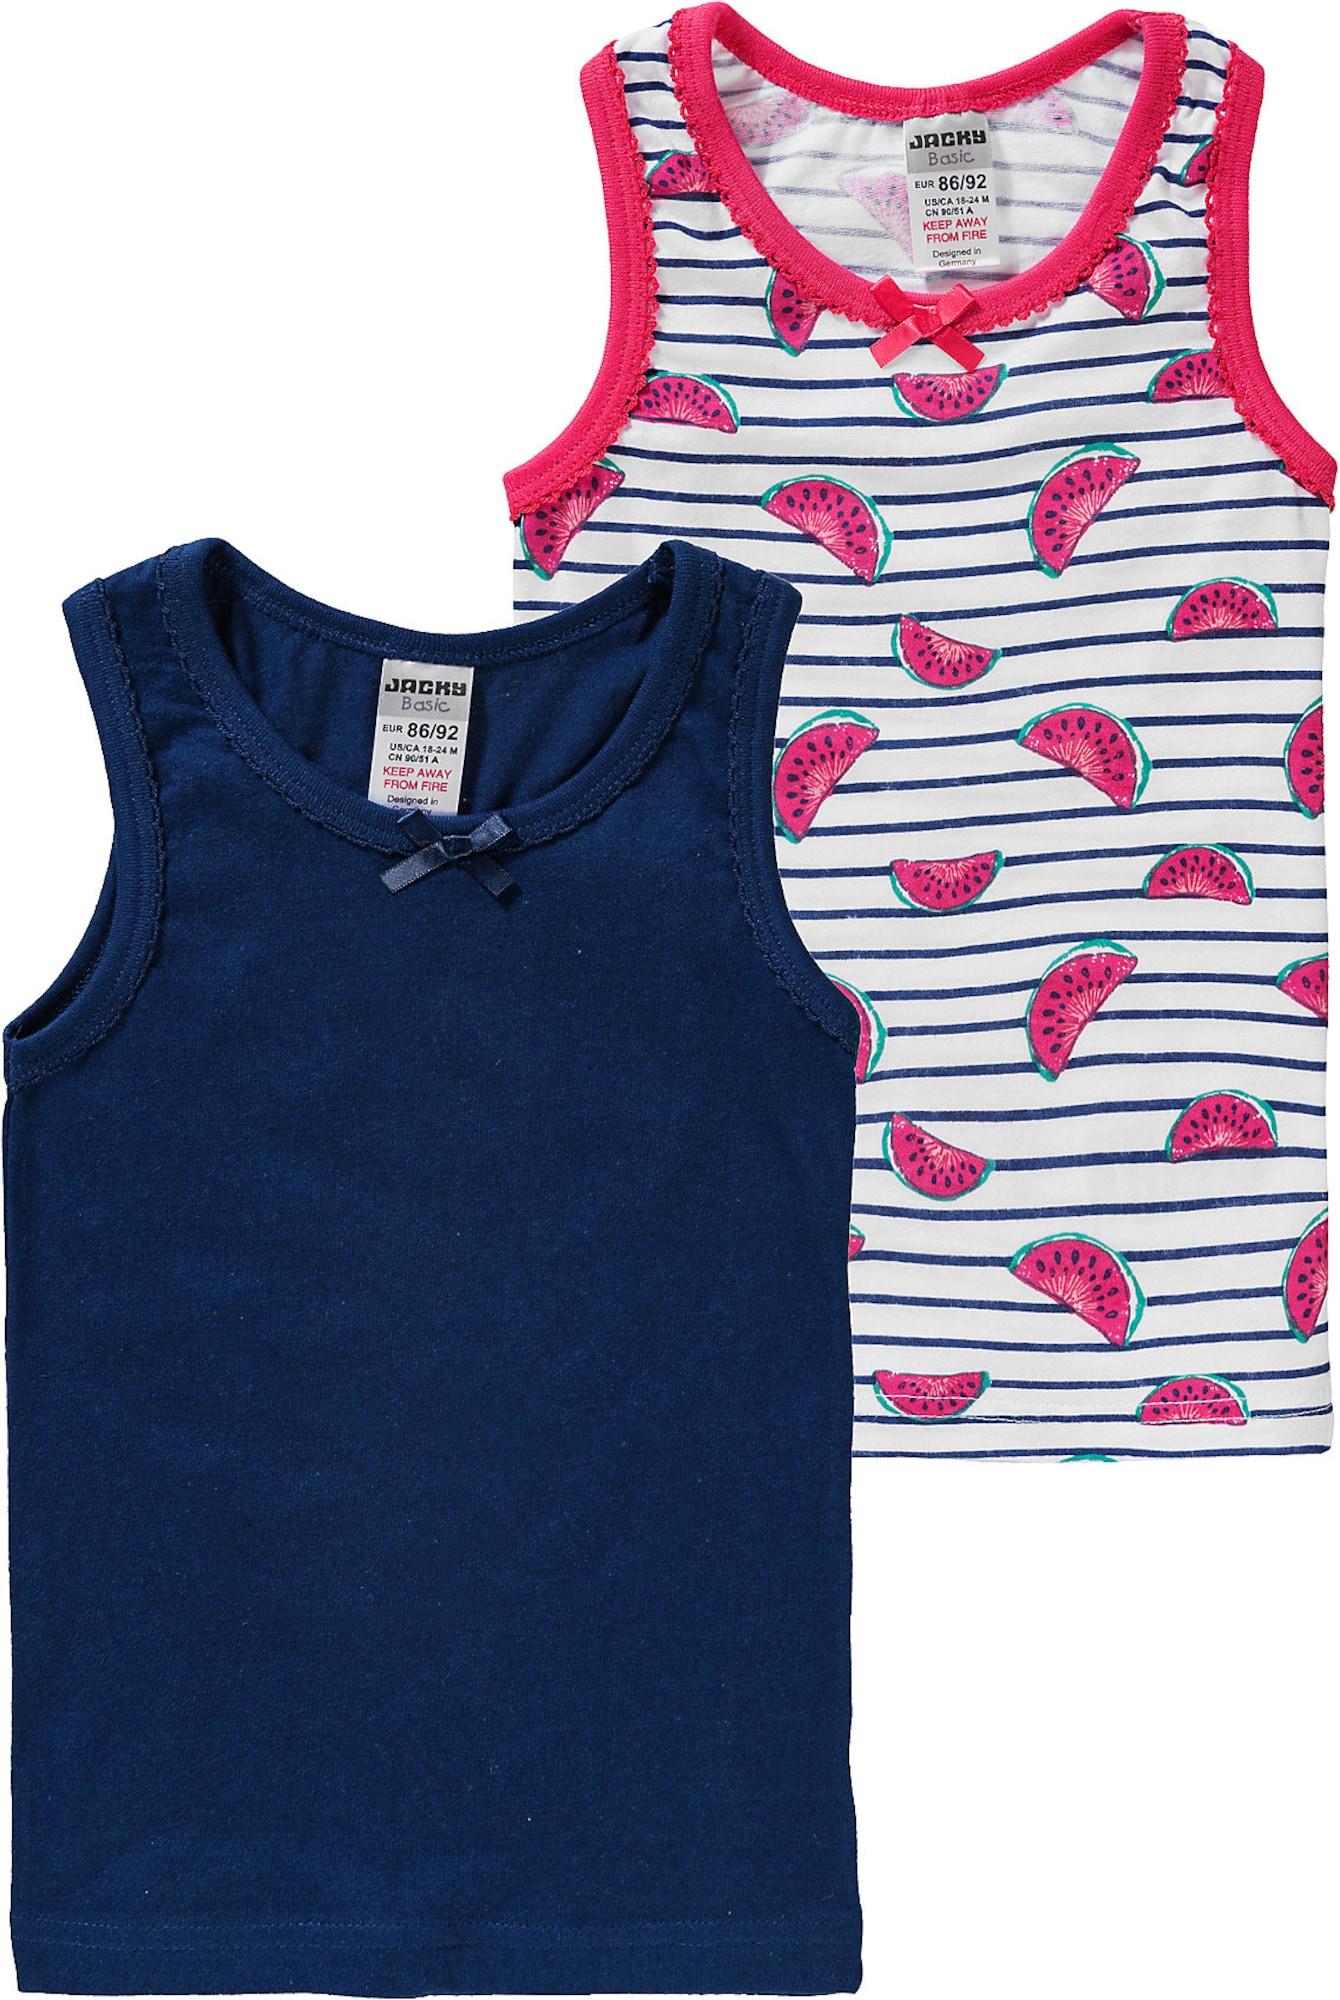 JACKY Apatiniai marškinėliai mišrios spalvos